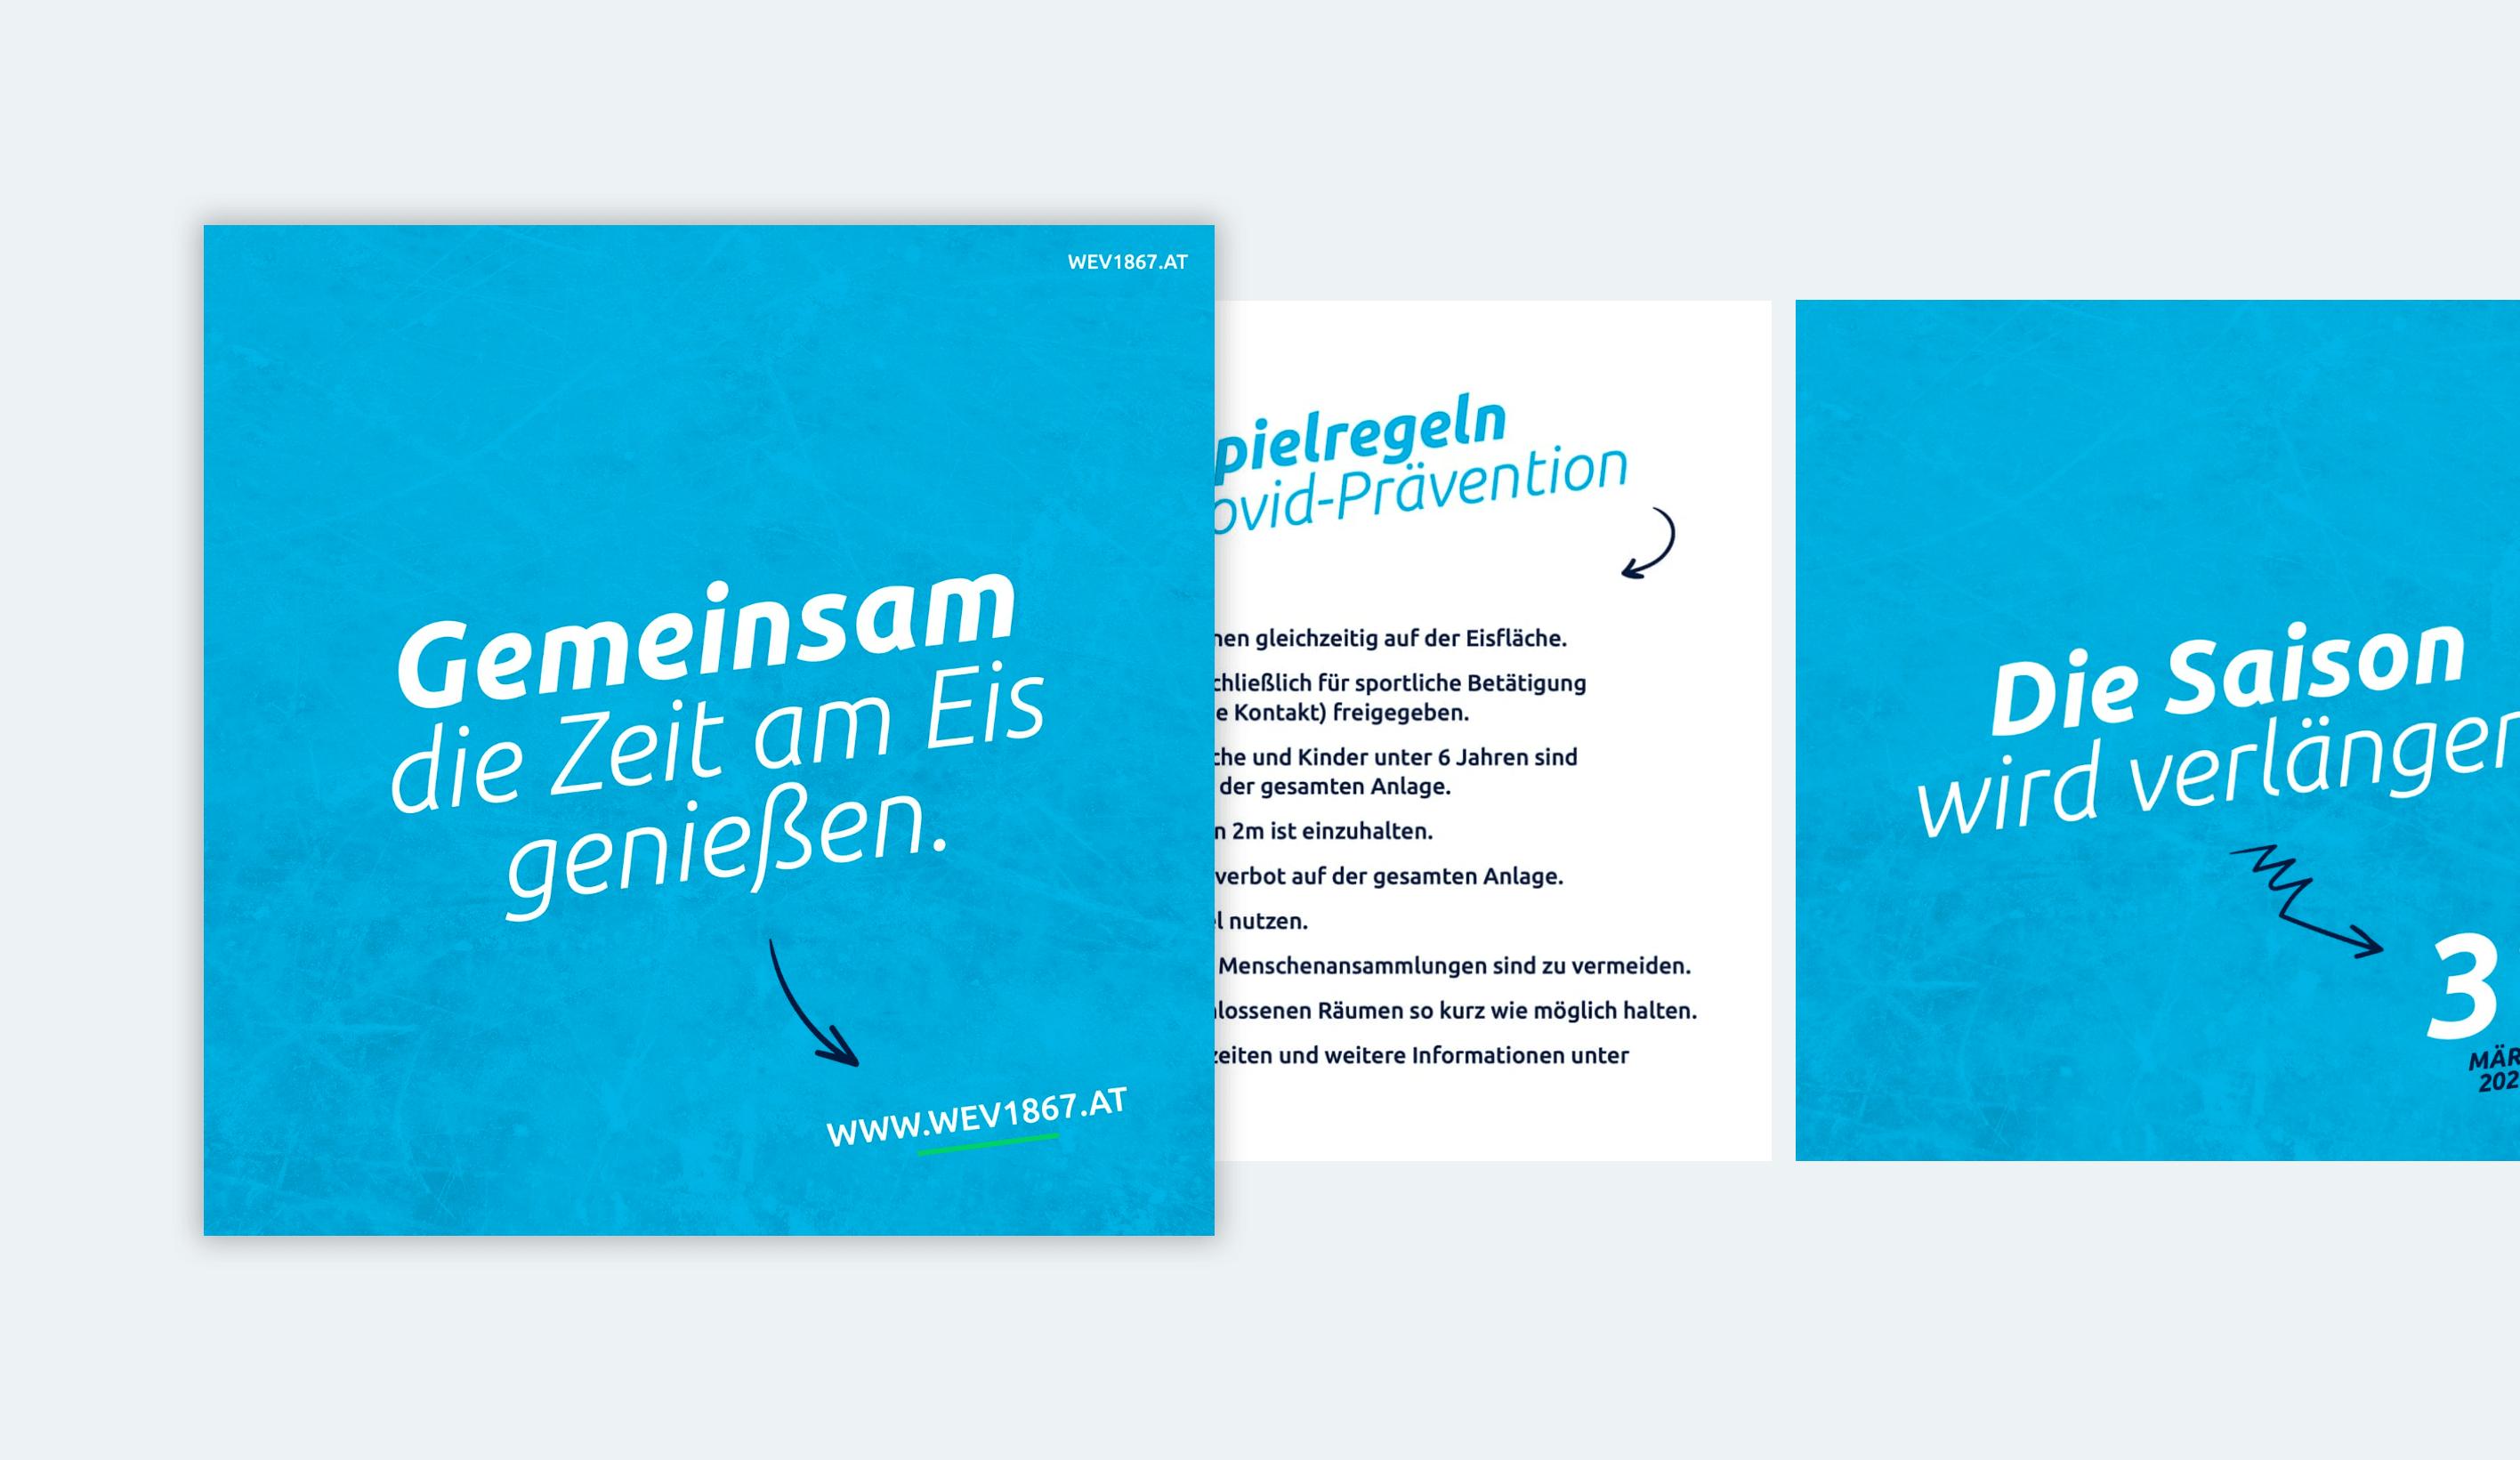 WienerEislaufverein-Facebook